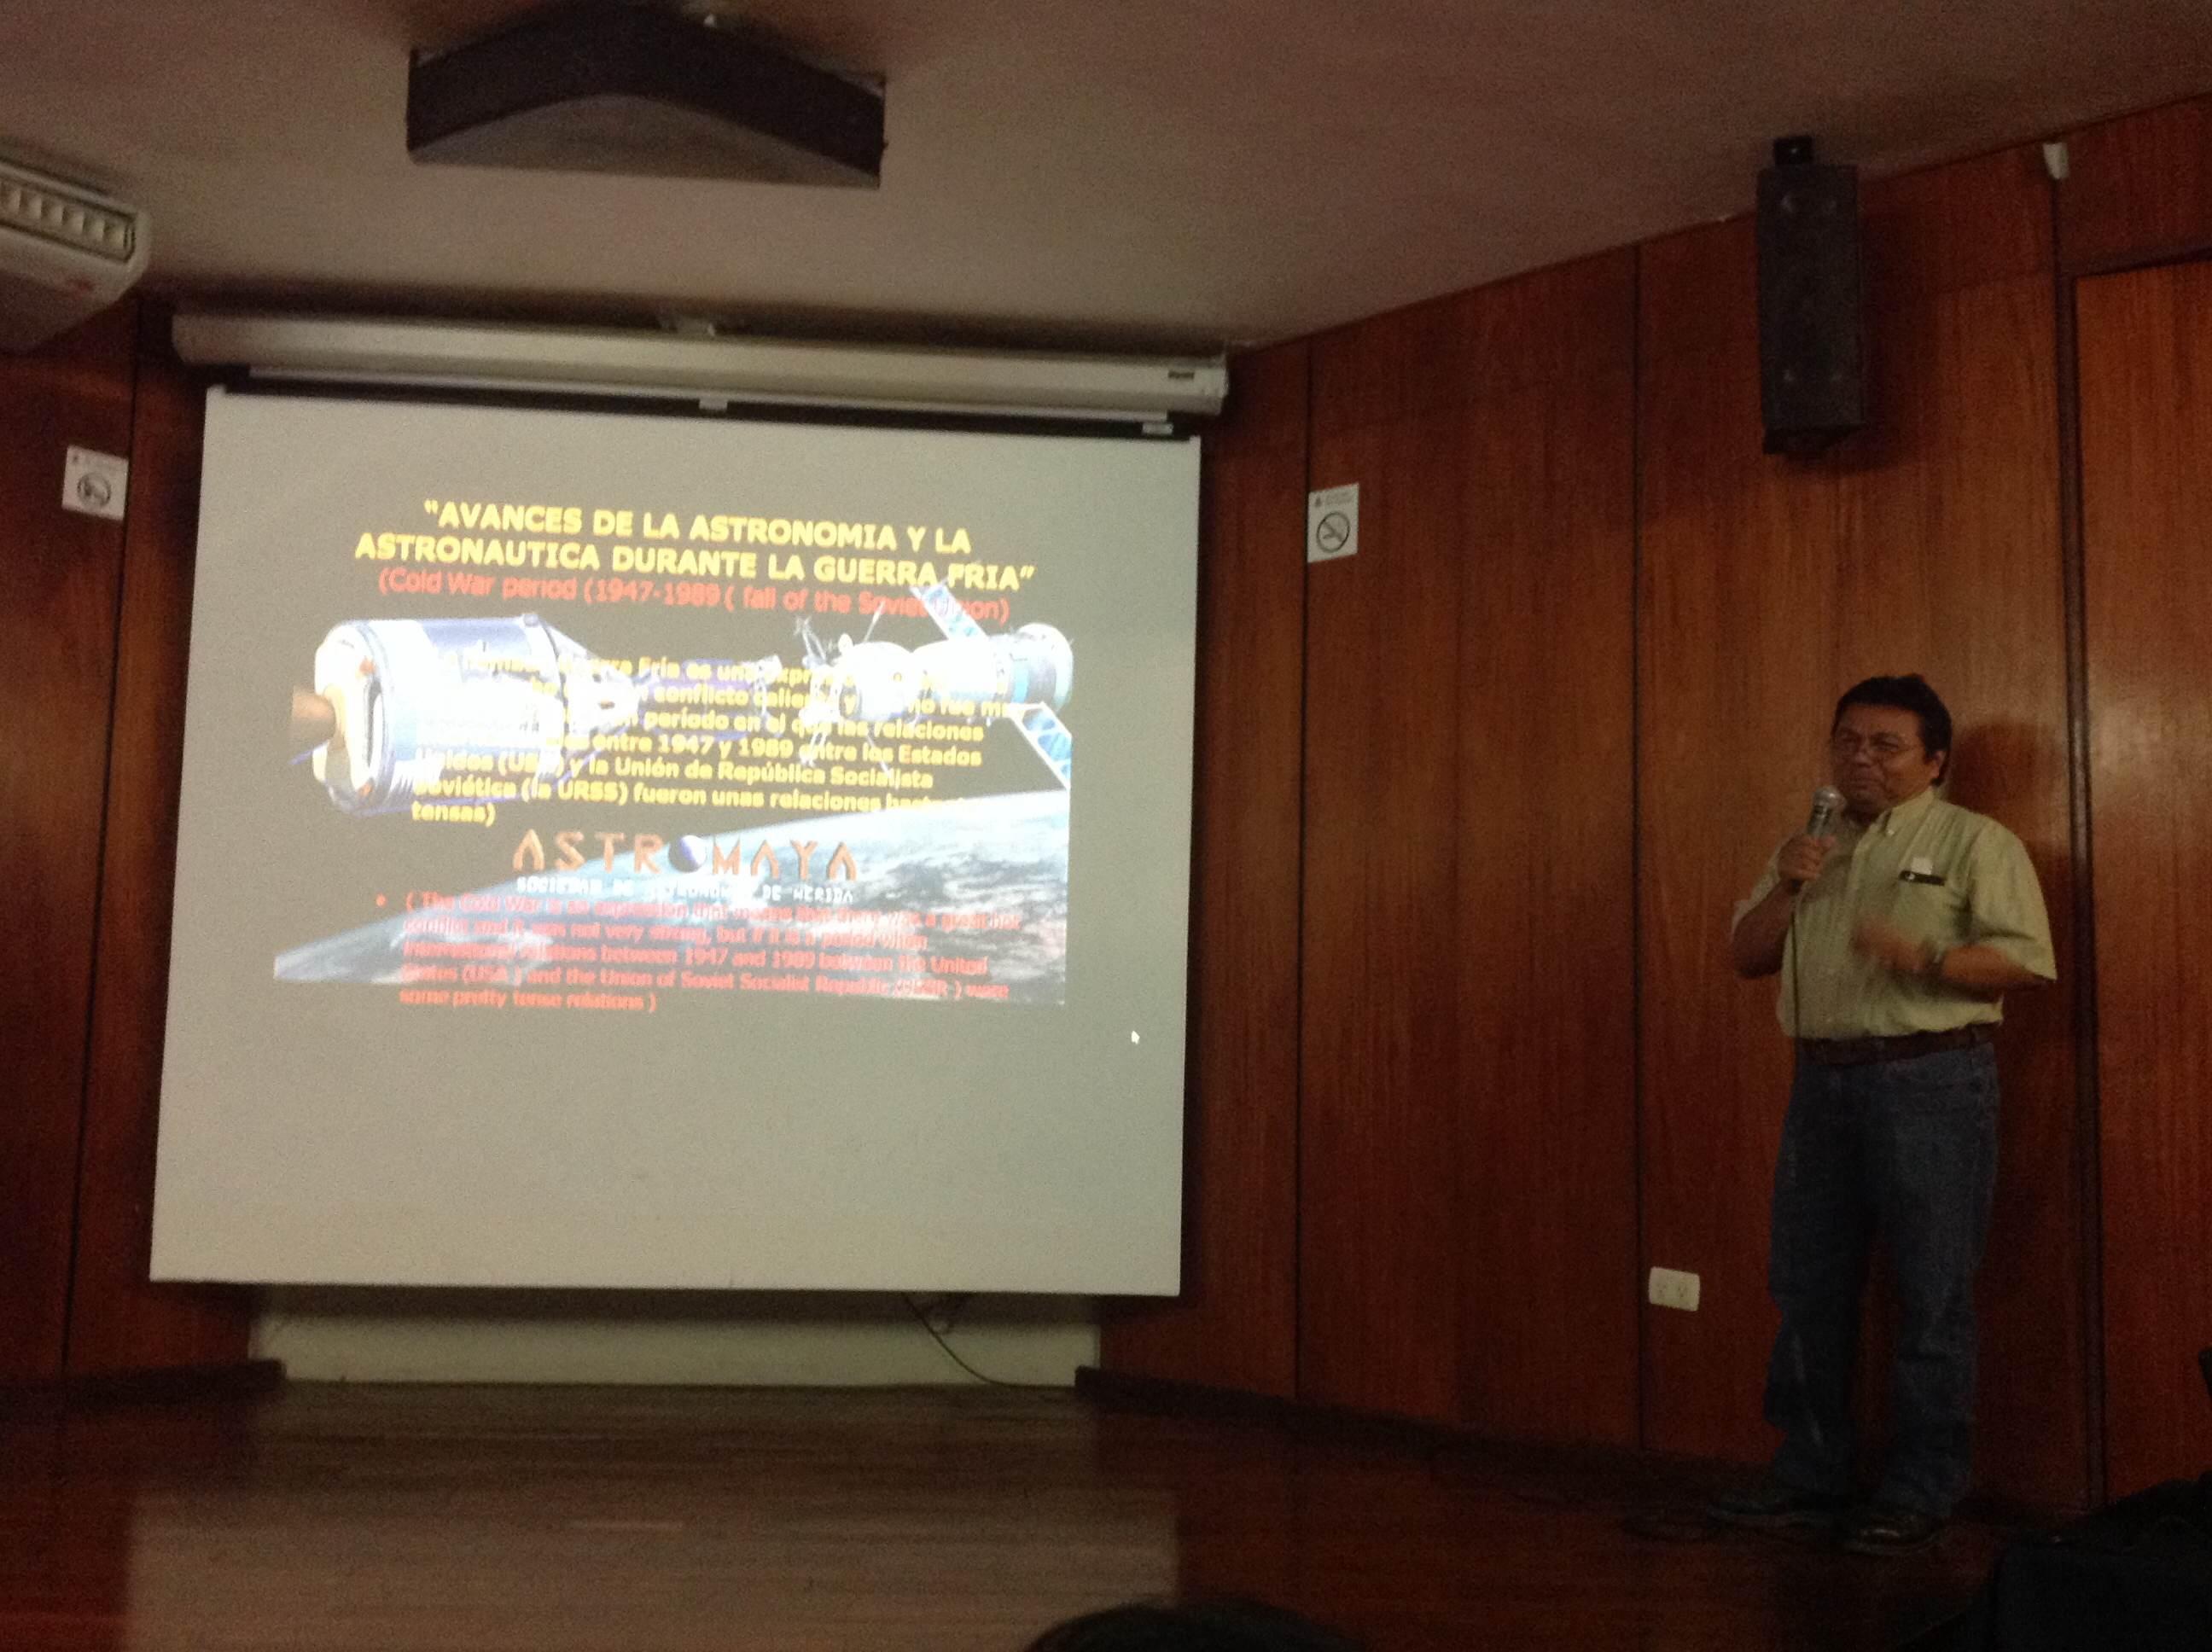 Yucatán honra el legado de Yuri Gagarin